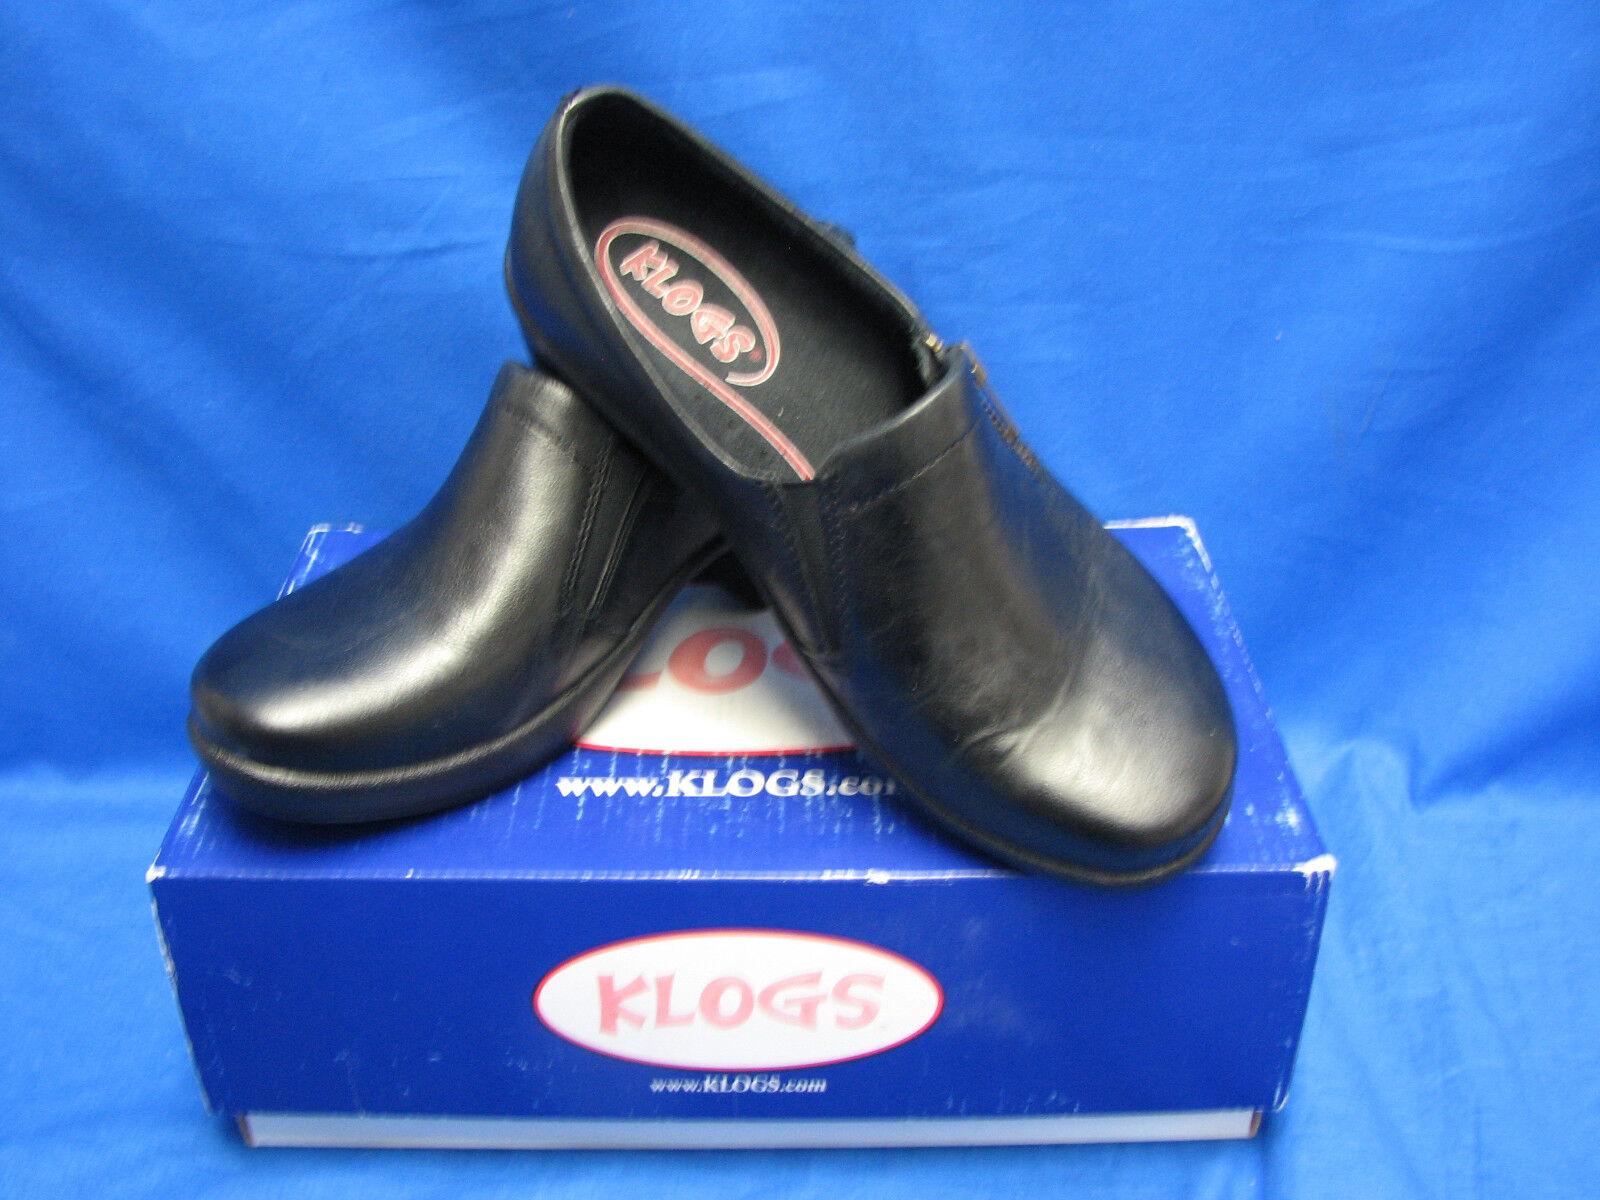 Klogs para mujer Confort Slip Ons Mocasines Negro Grano Grano Grano 8 de ancho  mejor servicio